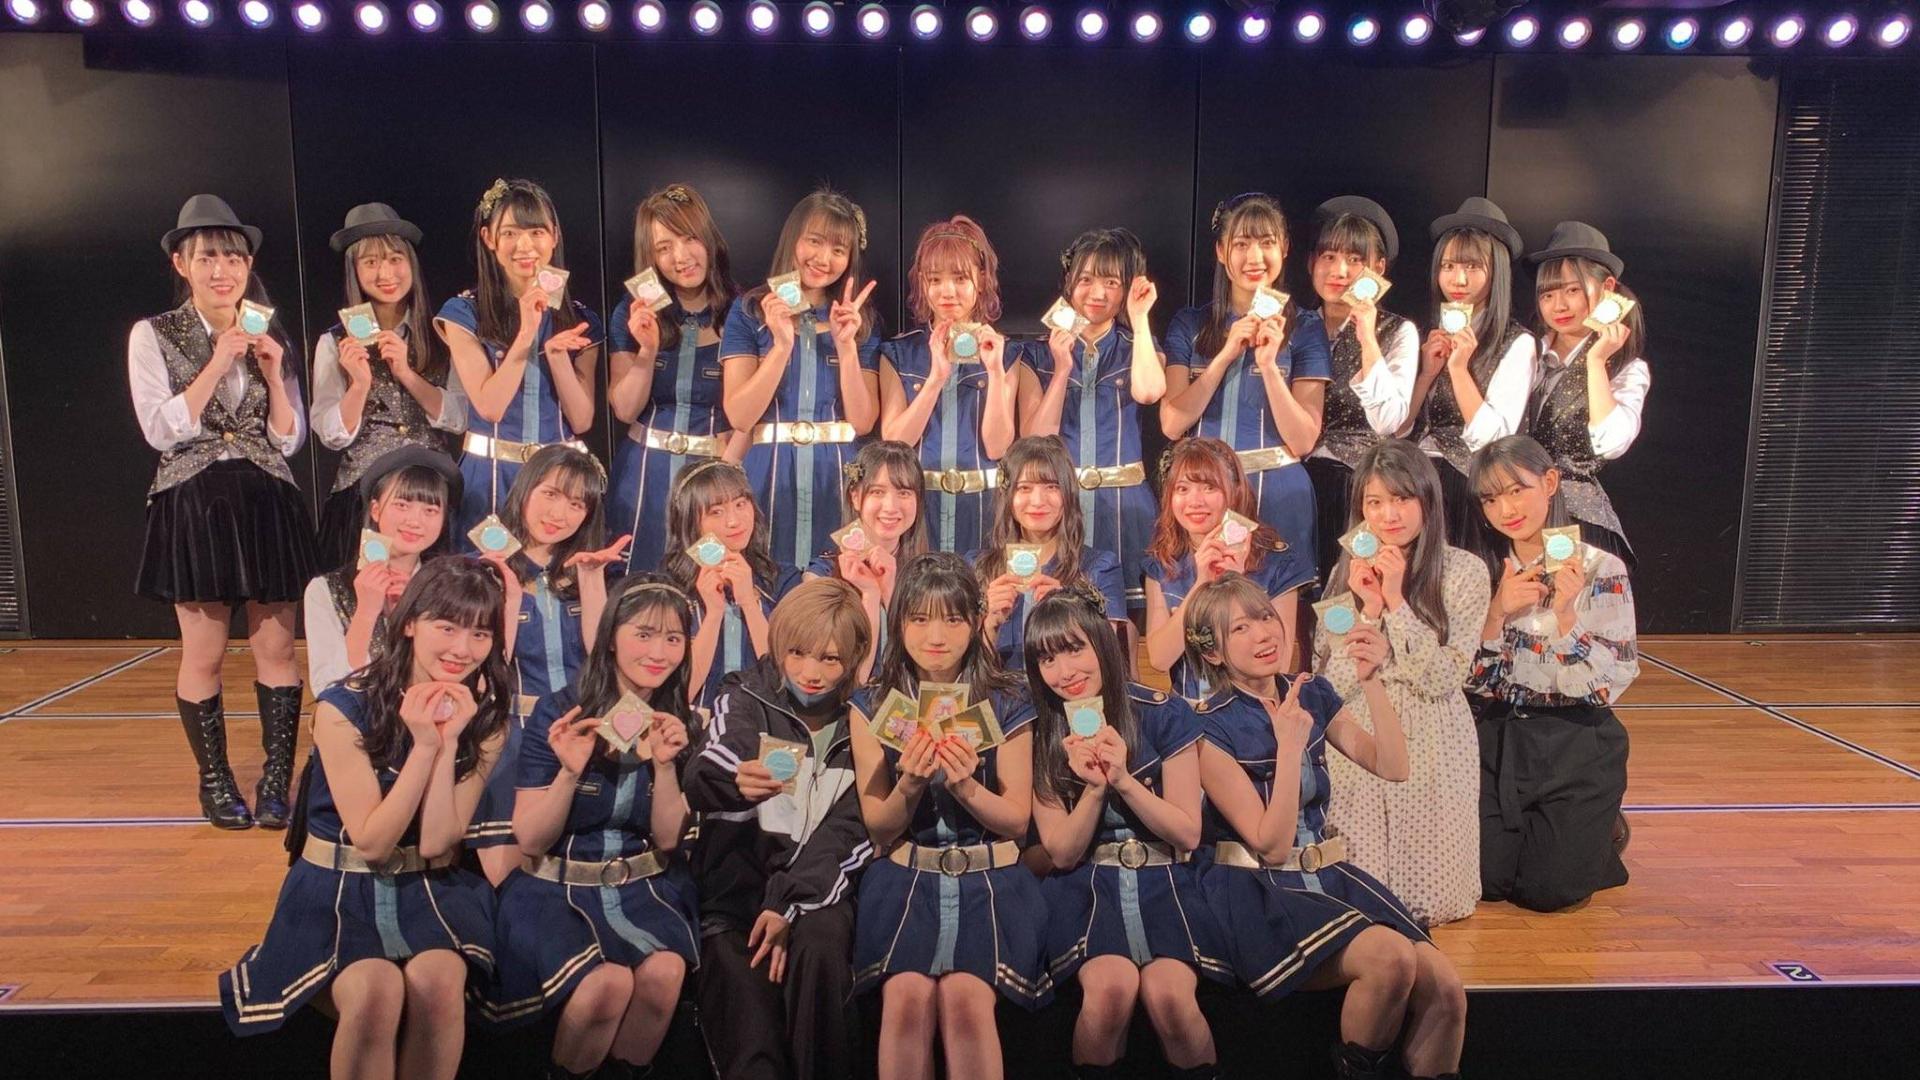 【鋸木練腹肌字幕組】20200118 T4手牵手 村山彩希第一千场公演